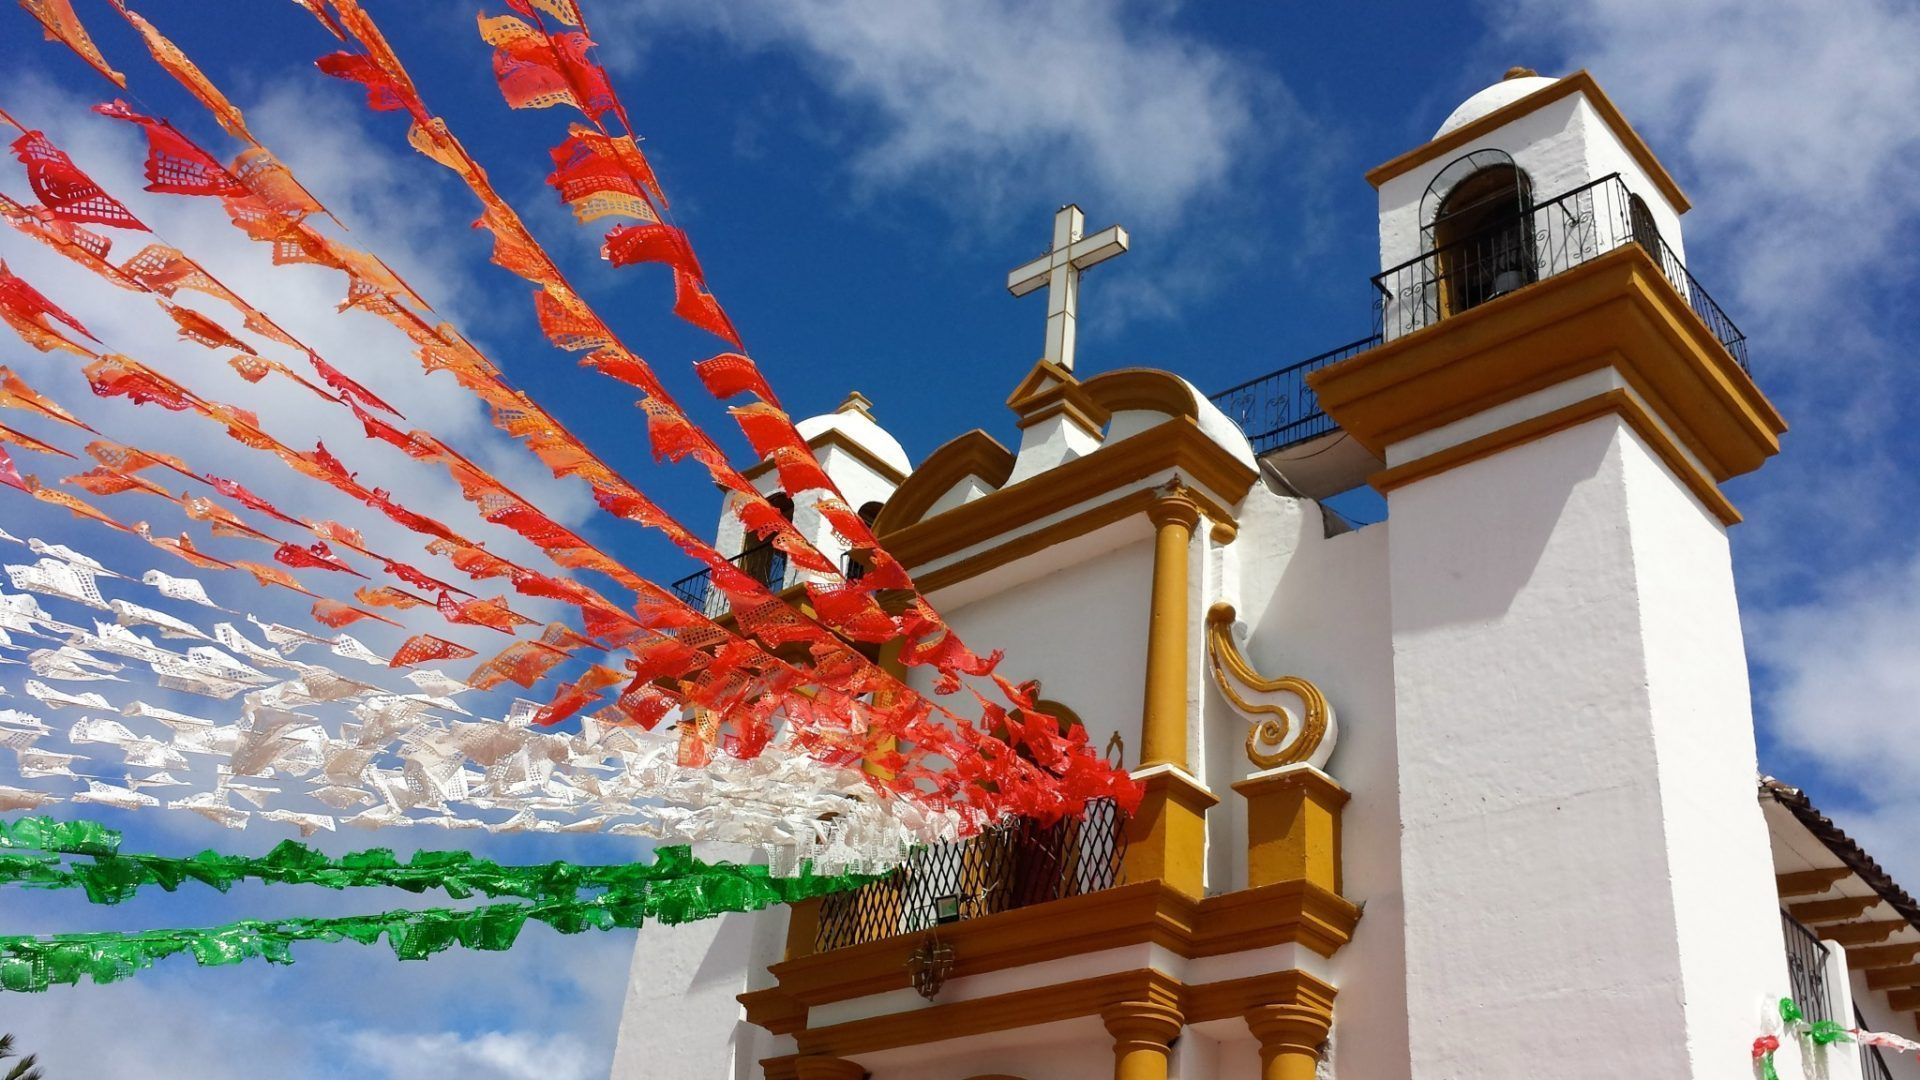 Top 15 Things To Do in San Cristobal de las Casas Mexico